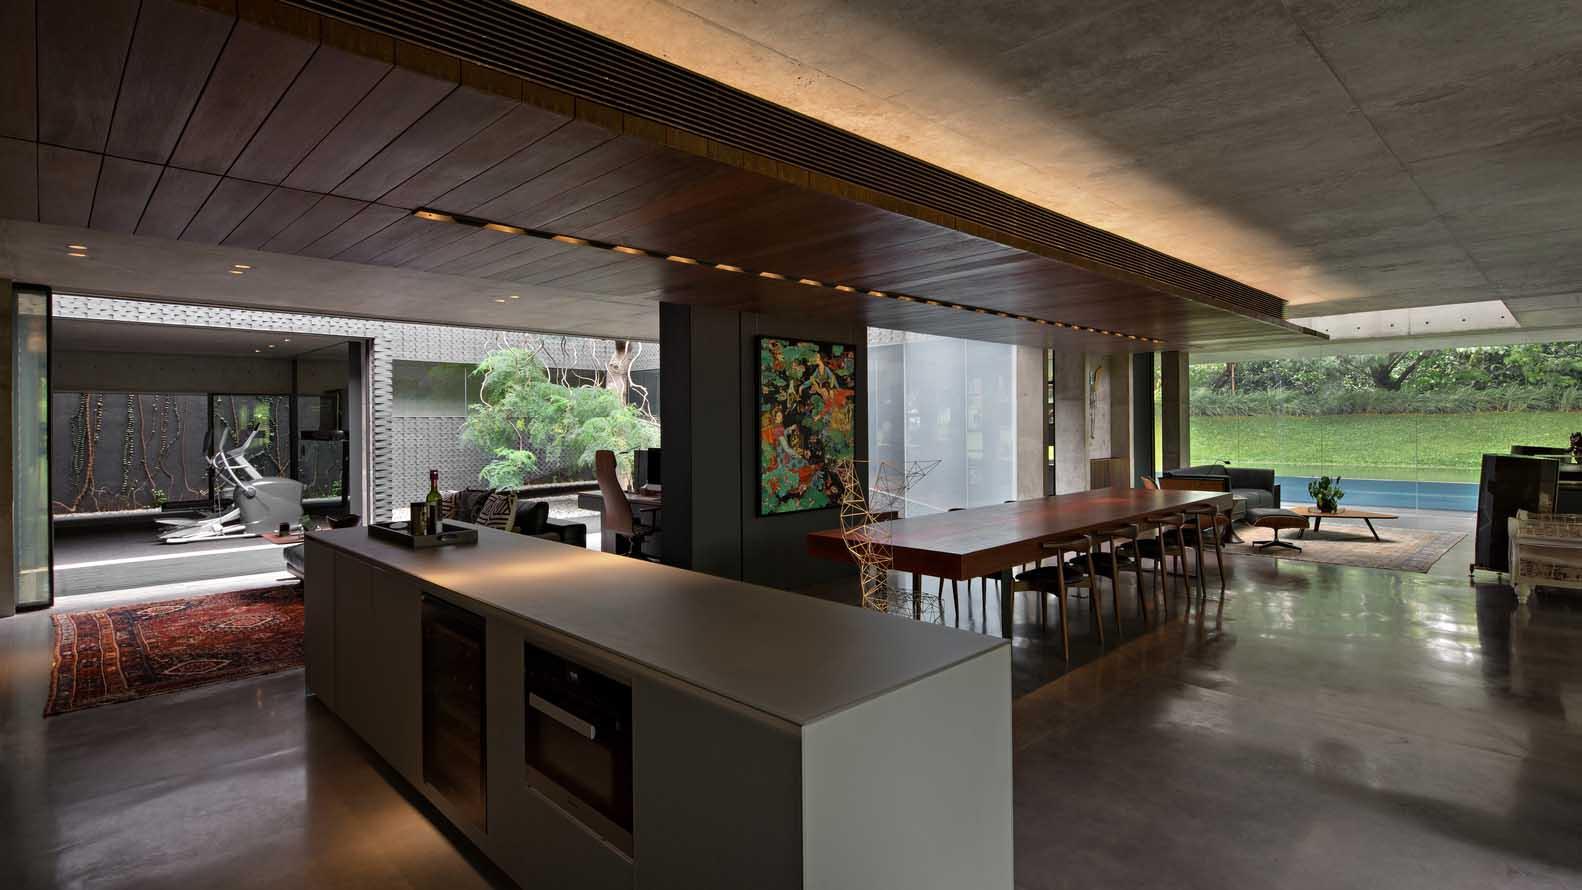 Dapur simpel dan ruang makan yang saling terhubung (Sumber: archdaily.com)